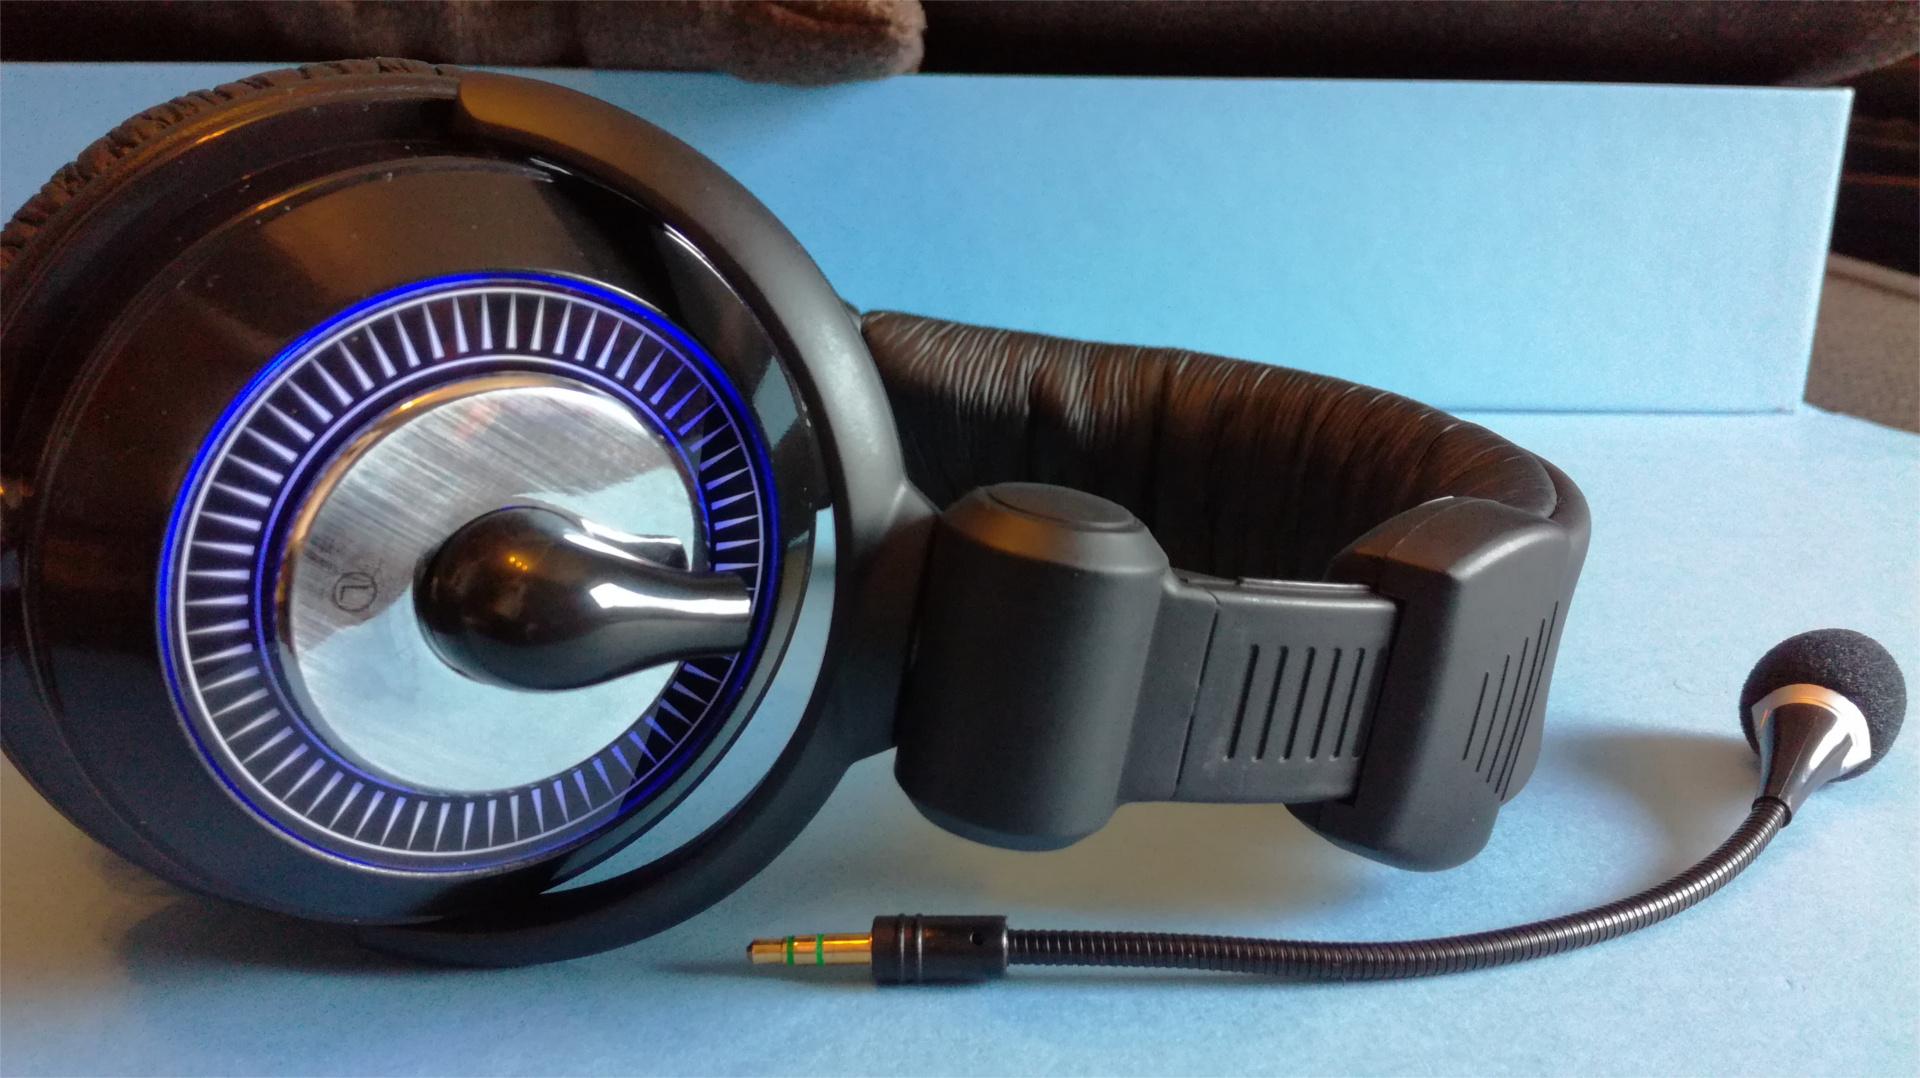 A fejhallgató USB 2.0-án keresztül szólaltatja meg a gépből vagy más USB  porttal rendelkező eszközből a hangokat. A fekete harisnyázott kábel eléggé  hosszú 810ab5382b